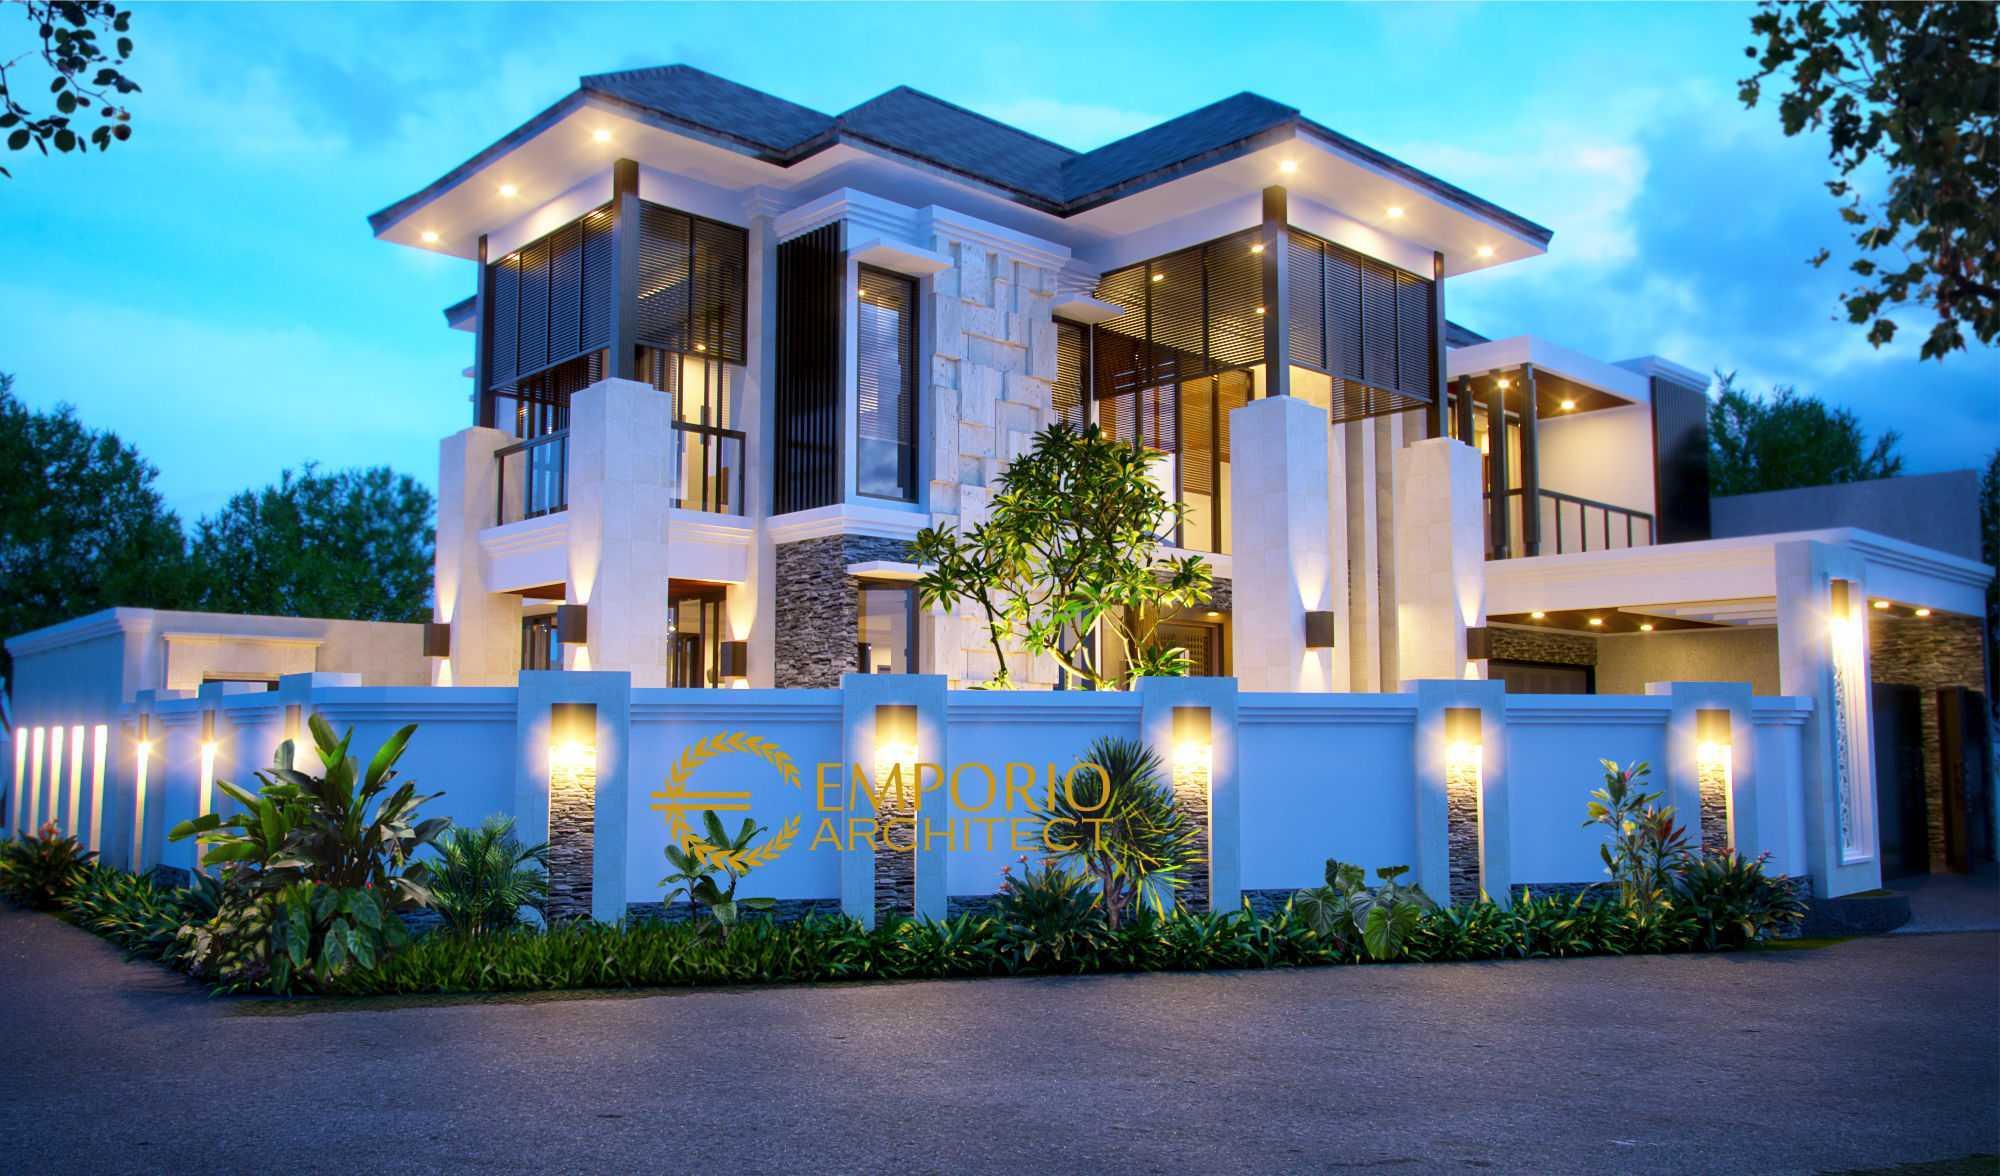 Emporio Architect Jasa Arsitek Bekasi Desain Rumah Villa Bali Tropis 244 @ Bekasi Bekasi, Kota Bks, Jawa Barat, Indonesia Bekasi, Kota Bks, Jawa Barat, Indonesia Emporio-Architect-Jasa-Arsitek-Bekasi-Desain-Rumah-Villa-Bali-Tropis-244-Bekasi Tropical 84331